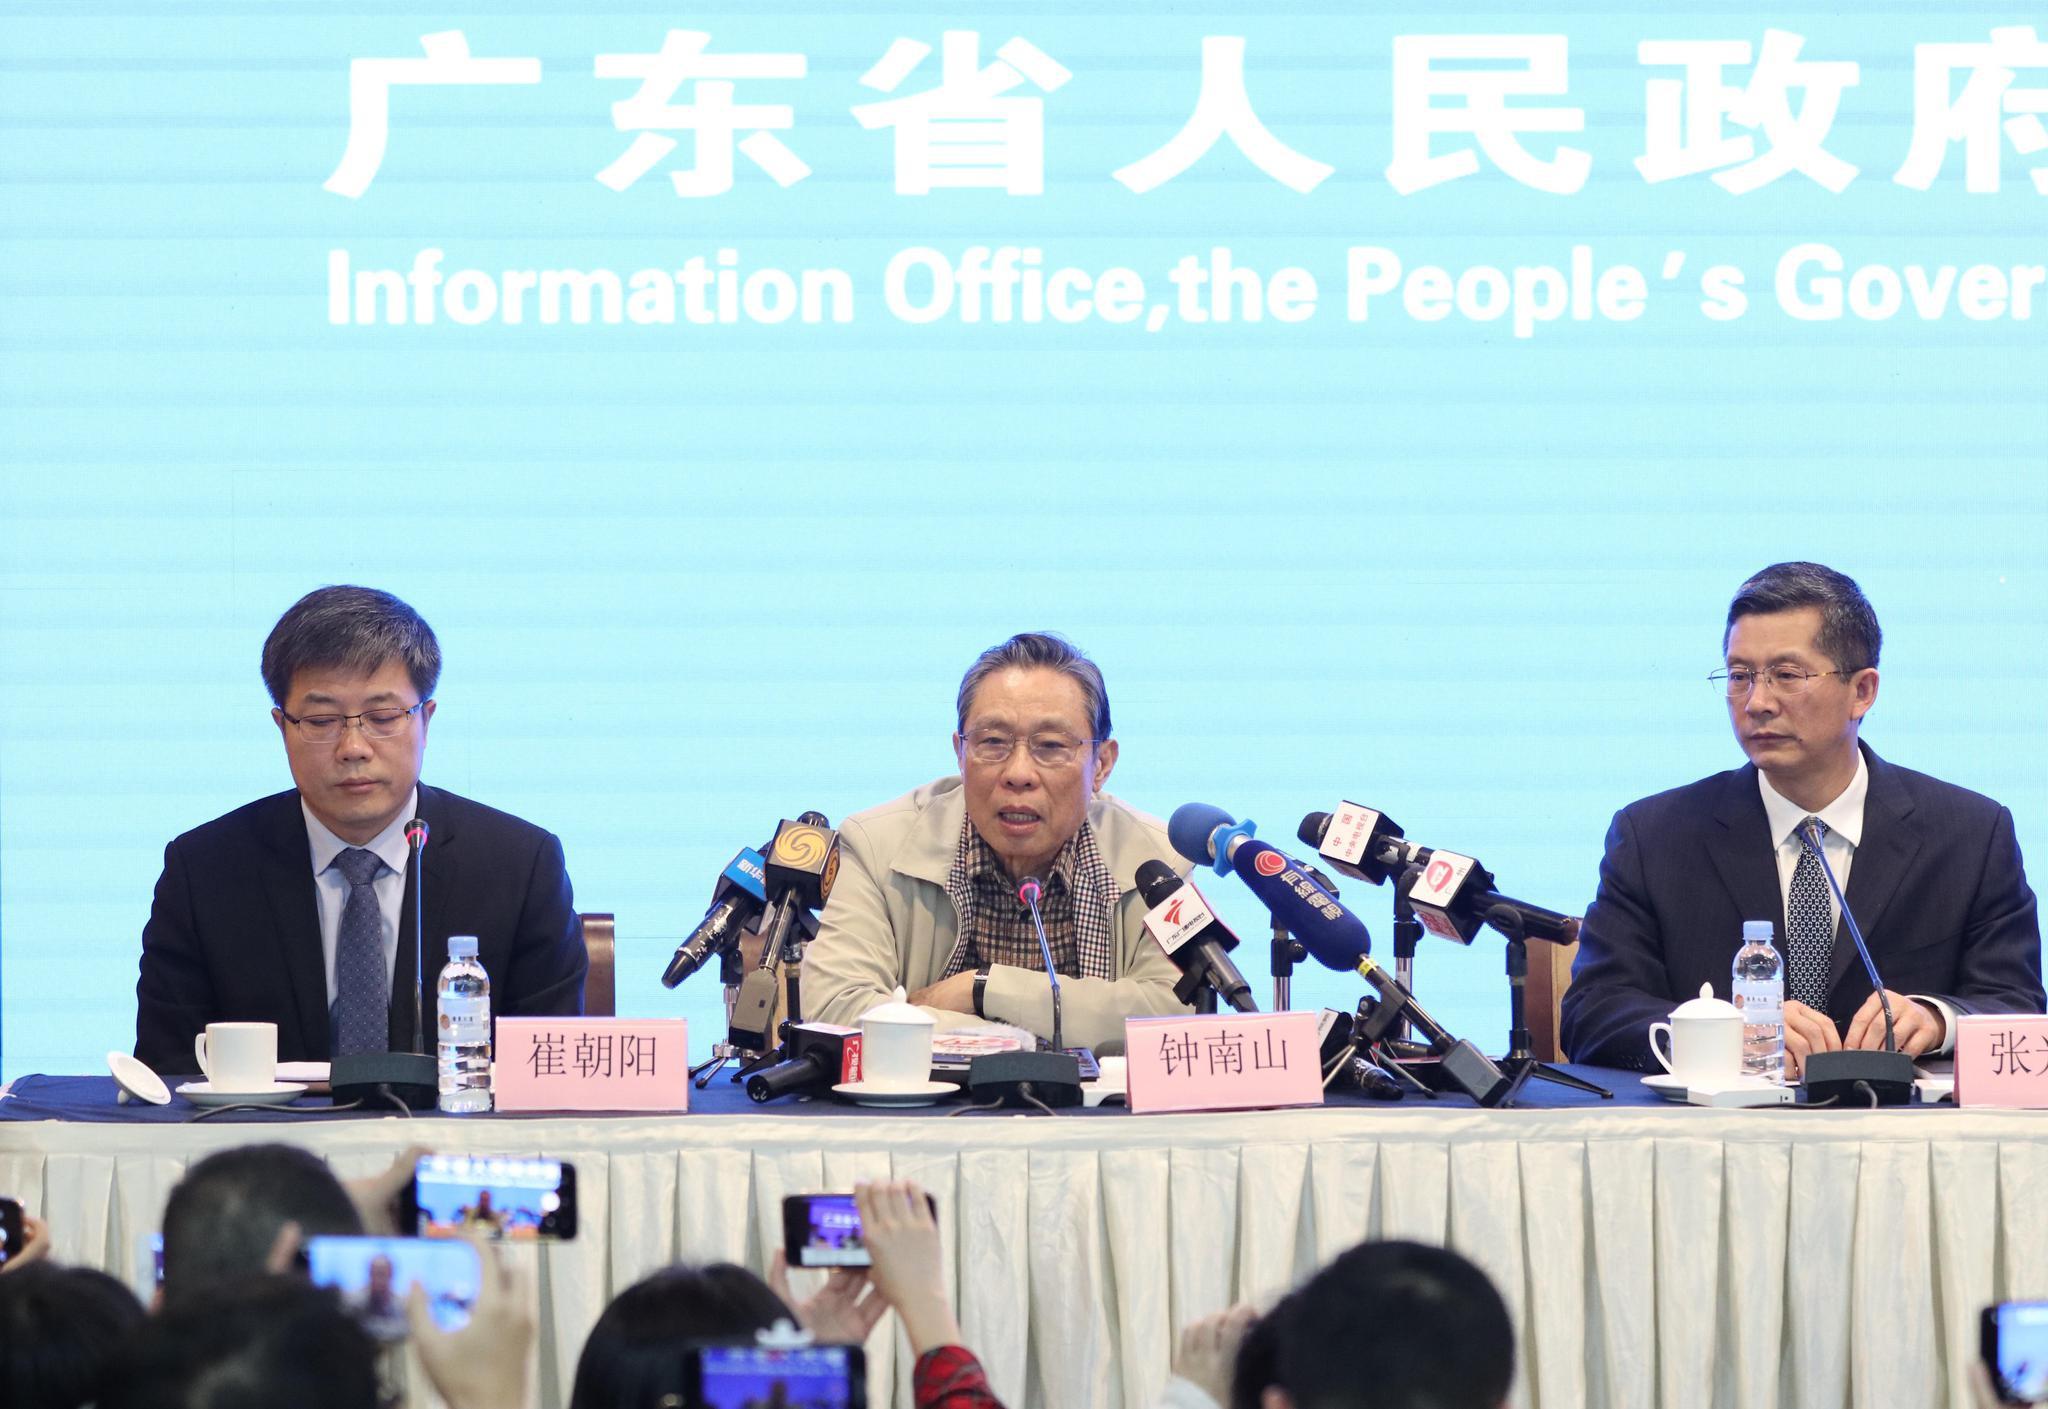 1月21日,国家卫健委高级别专家组组长、中国工程院院士钟南山在新闻发布会上介绍情况 图片来源:新华社